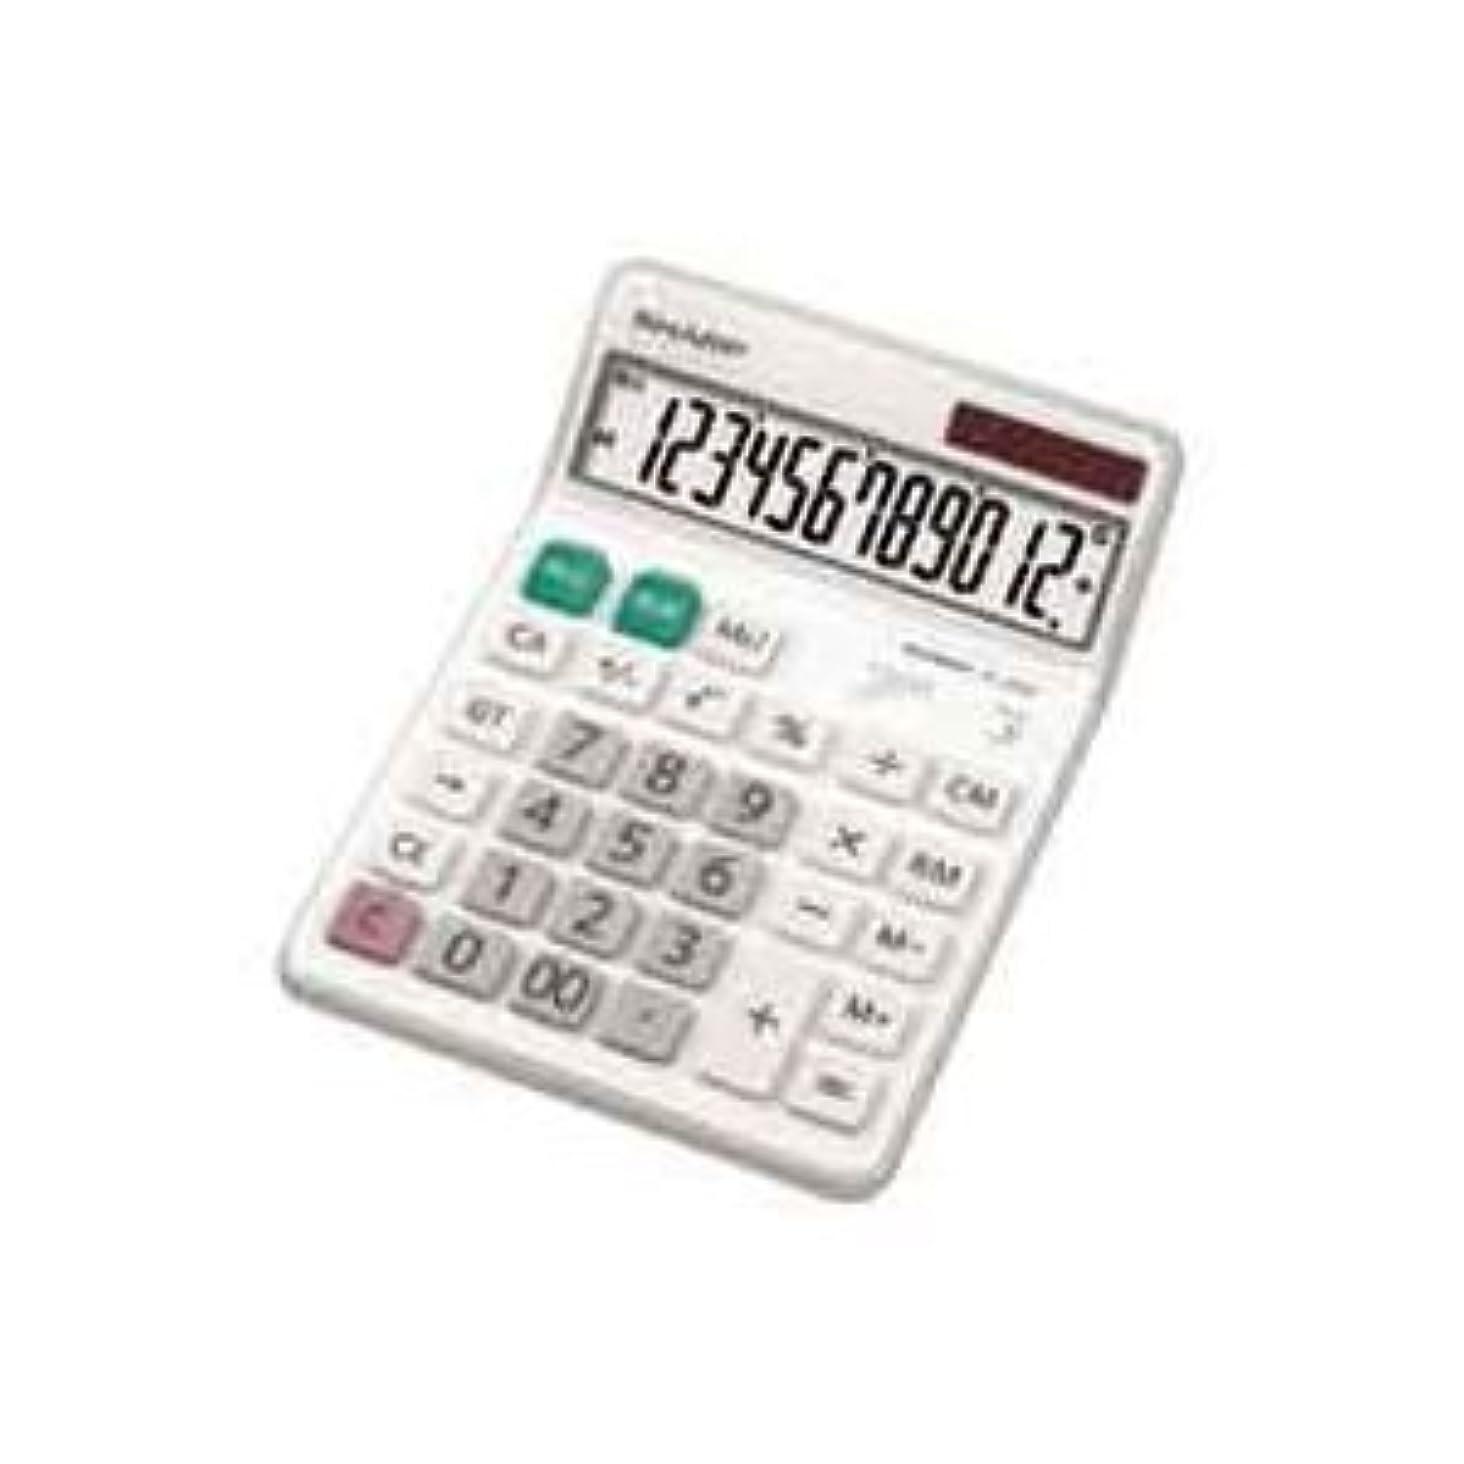 すり減る歯科のグリーンランド( お徳用 30セット ) シャープ SHARP 電卓 12桁 EL-S452X